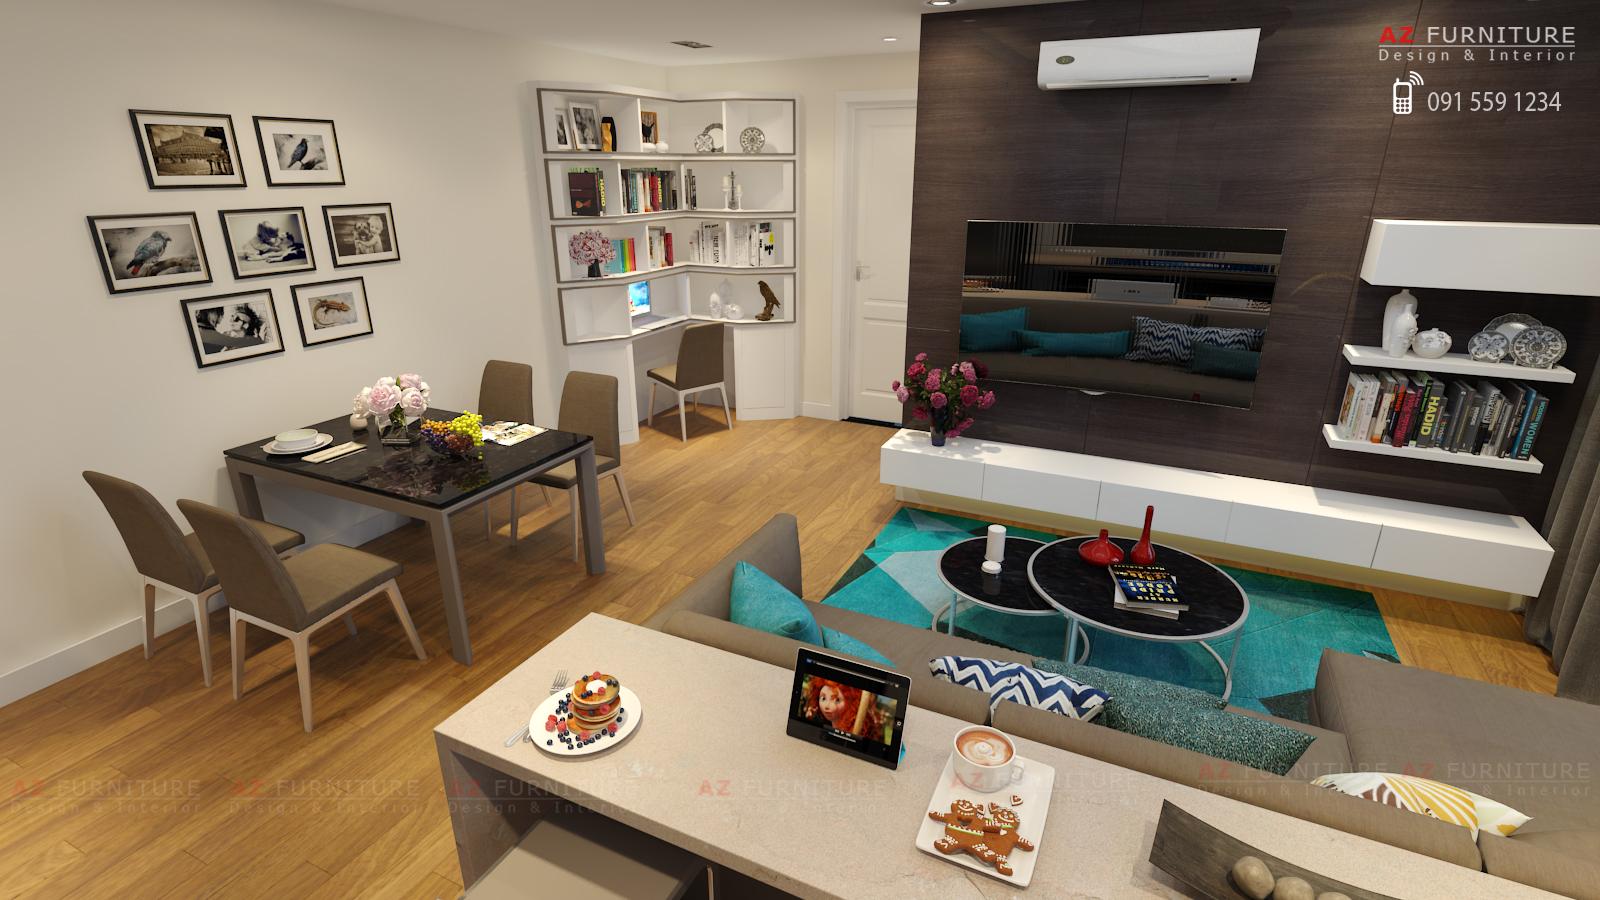 Tư vấn thiết kế nội thất chung cư - Hotline: 091 559 1234